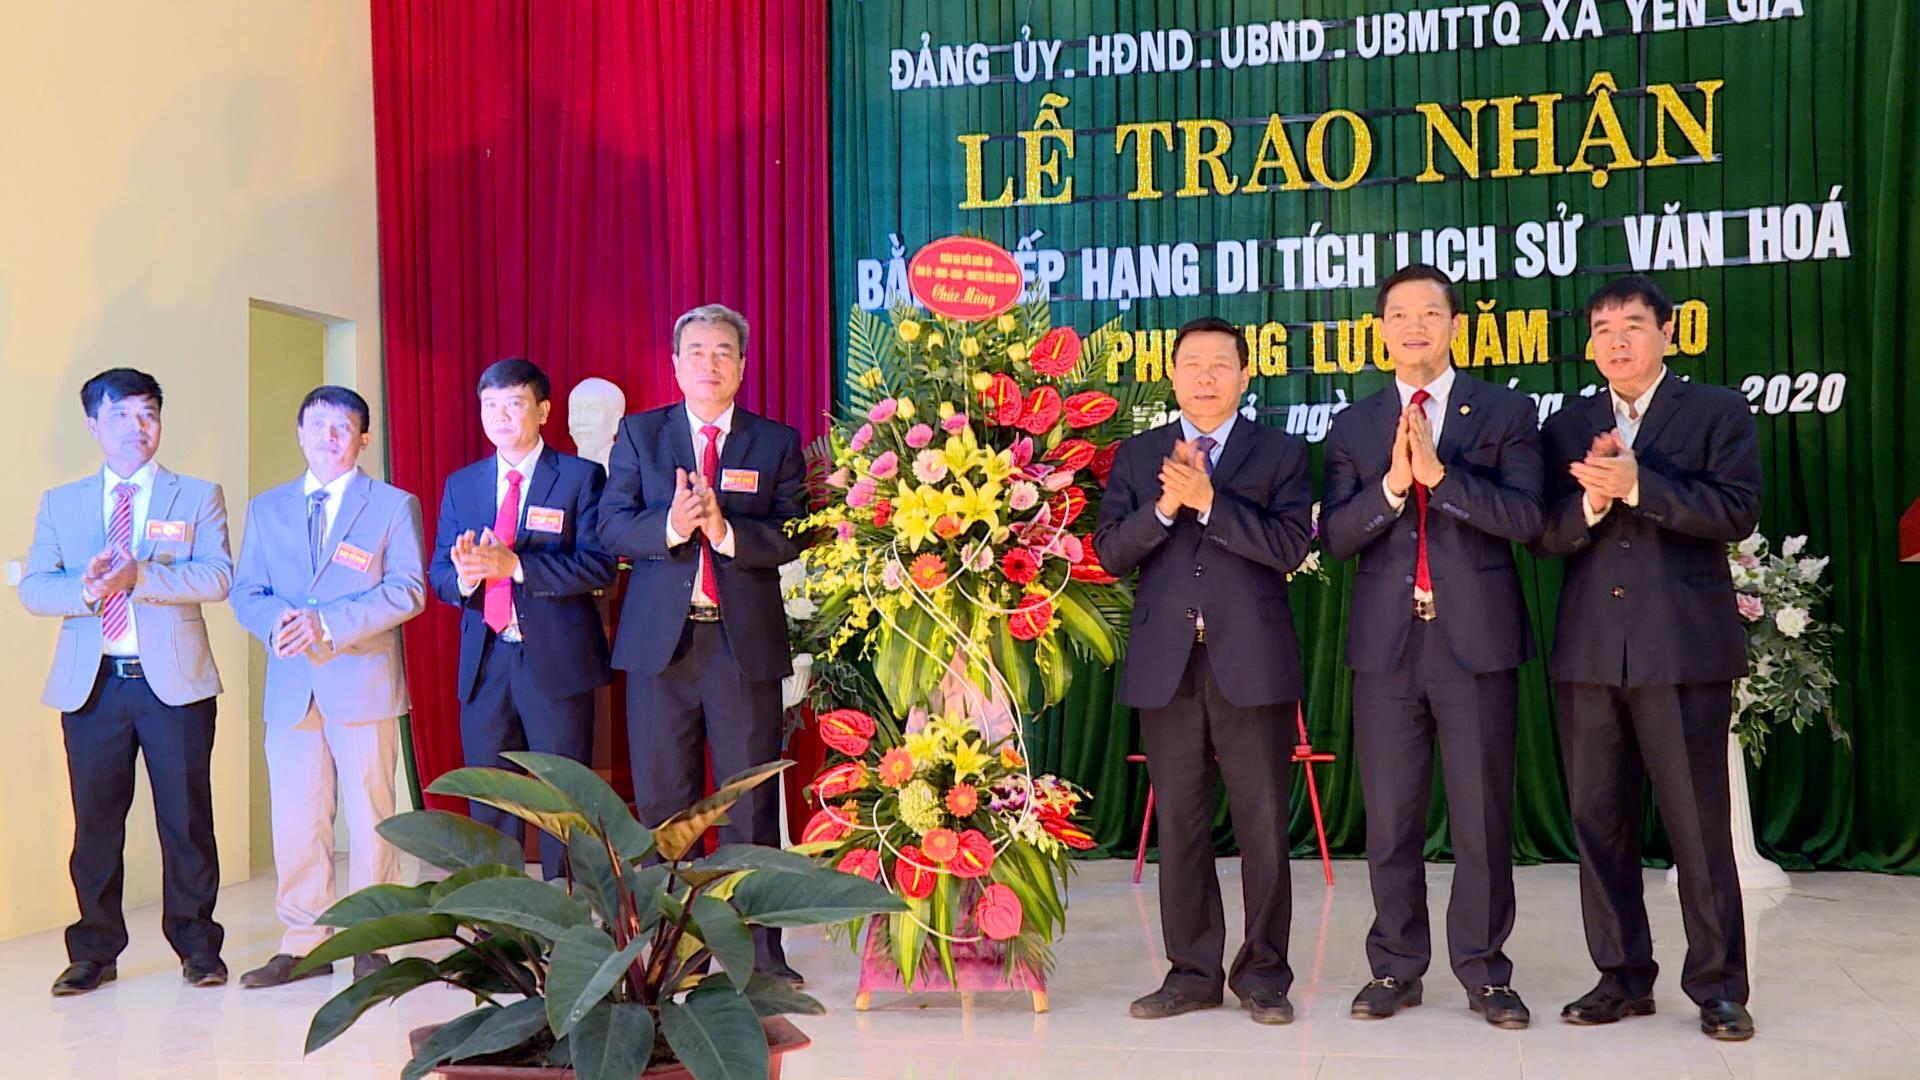 Lễ trao nhận Bằng xếp hạng Di tích lịch sử văn hóa cấp tỉnh  cho Chùa Phương Lưu, xã Yên Giả, huyện Quế Võ